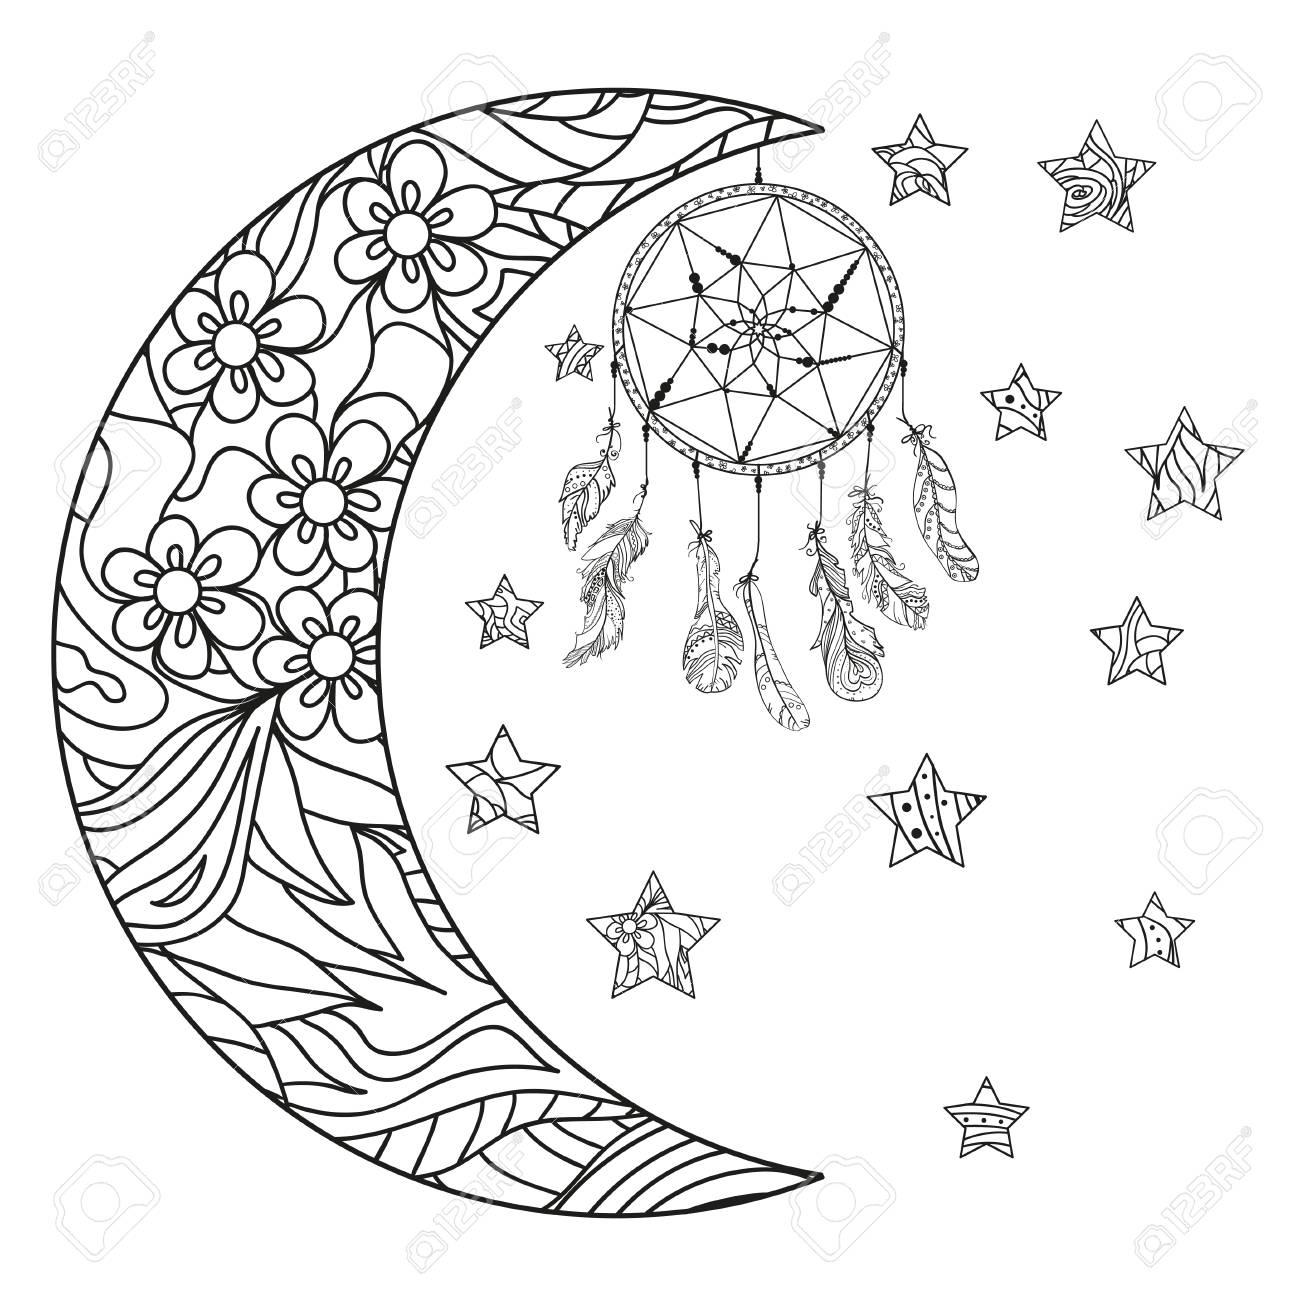 Media Luna Y Estrellas Atrapasueños Patrones Abstractos En El